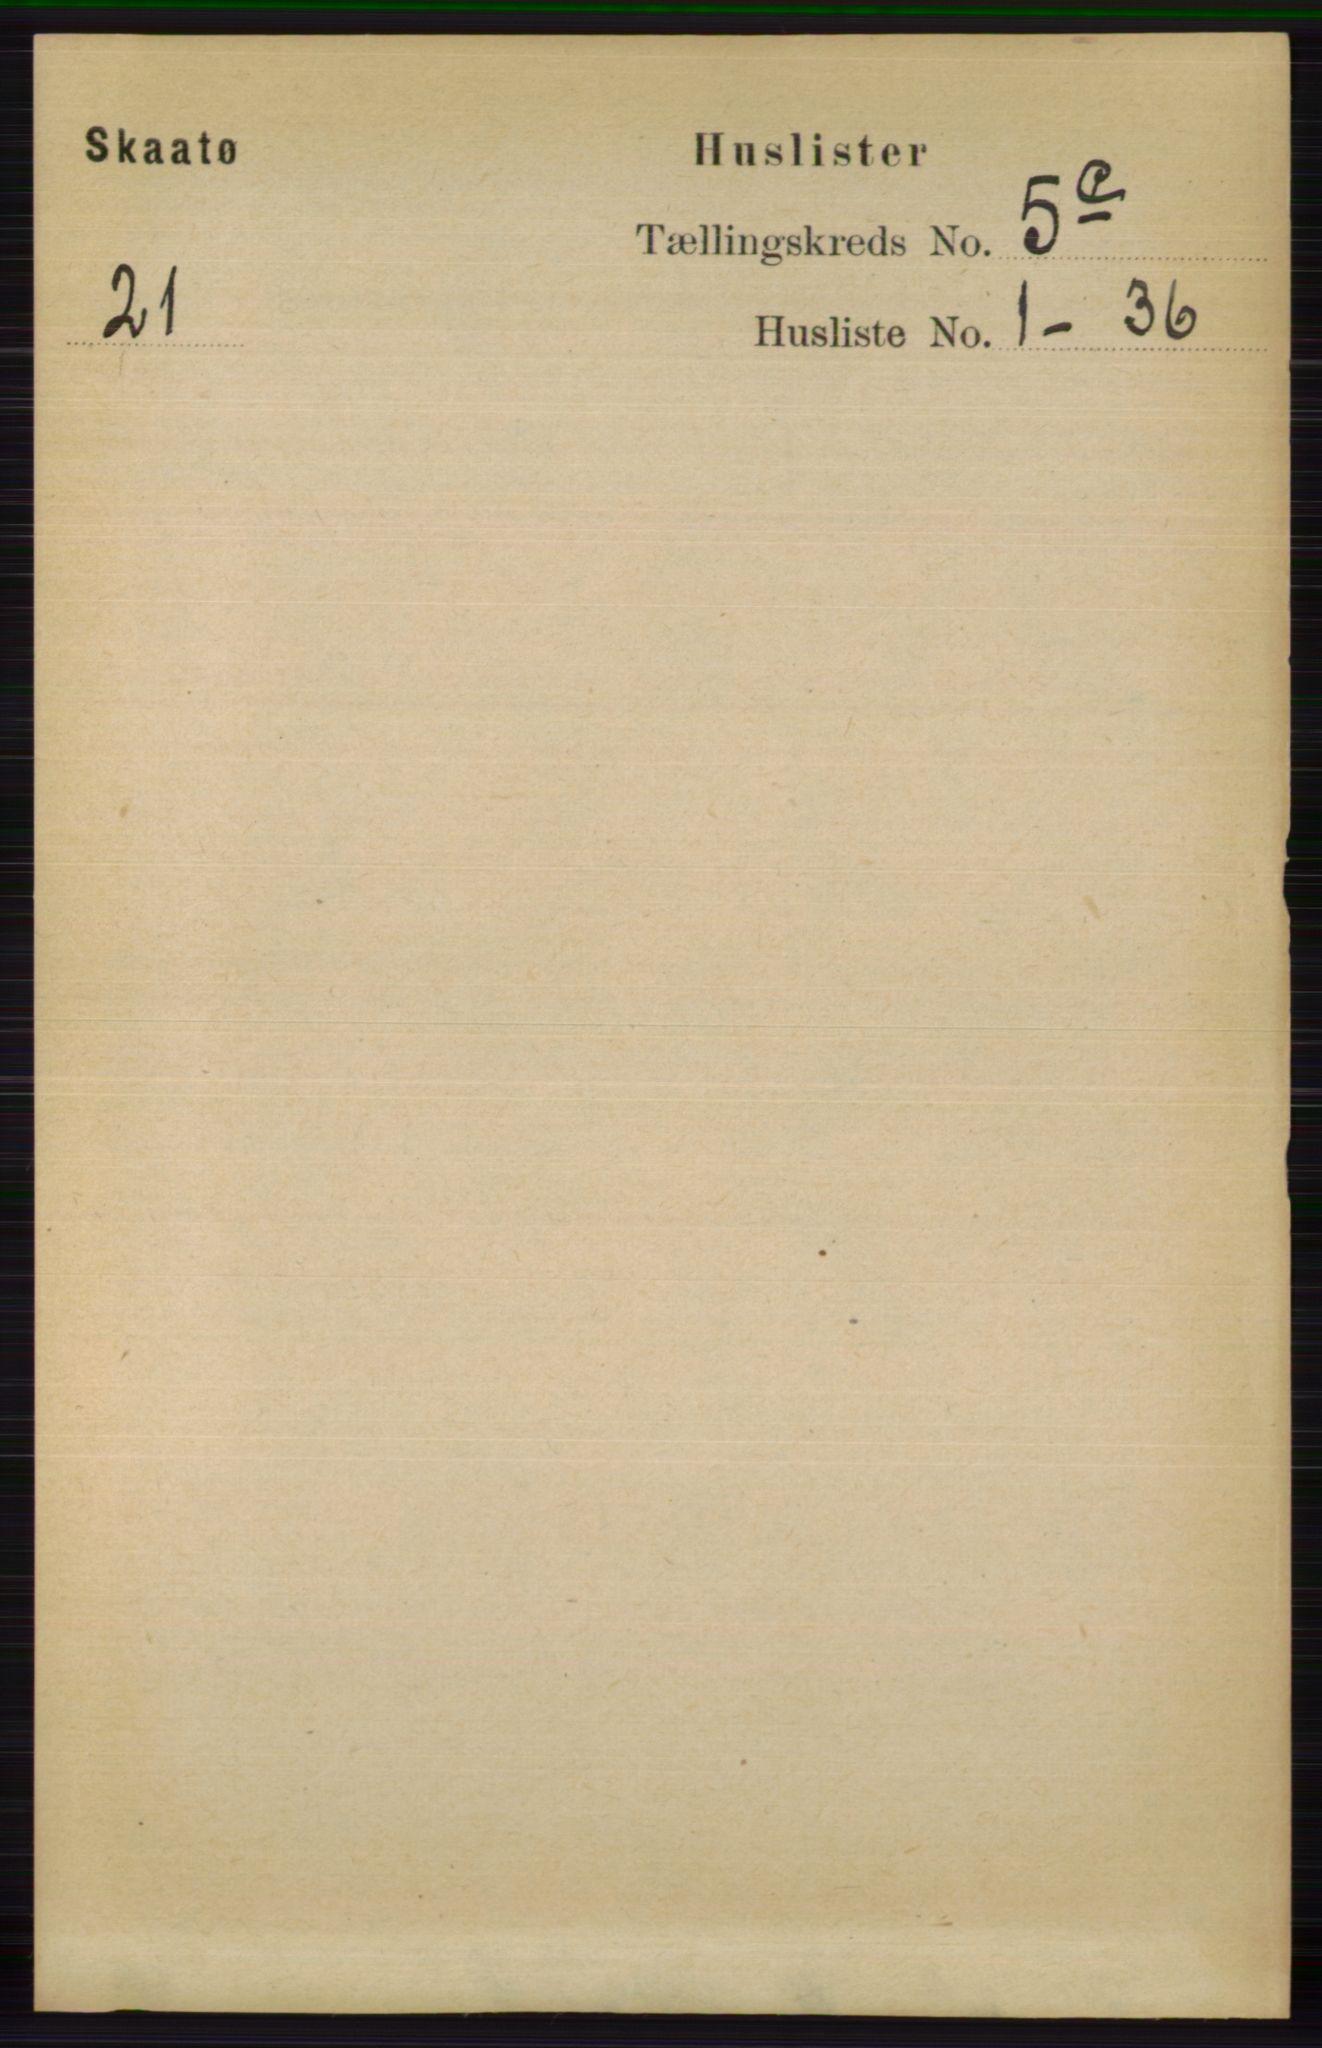 RA, Folketelling 1891 for 0815 Skåtøy herred, 1891, s. 2635